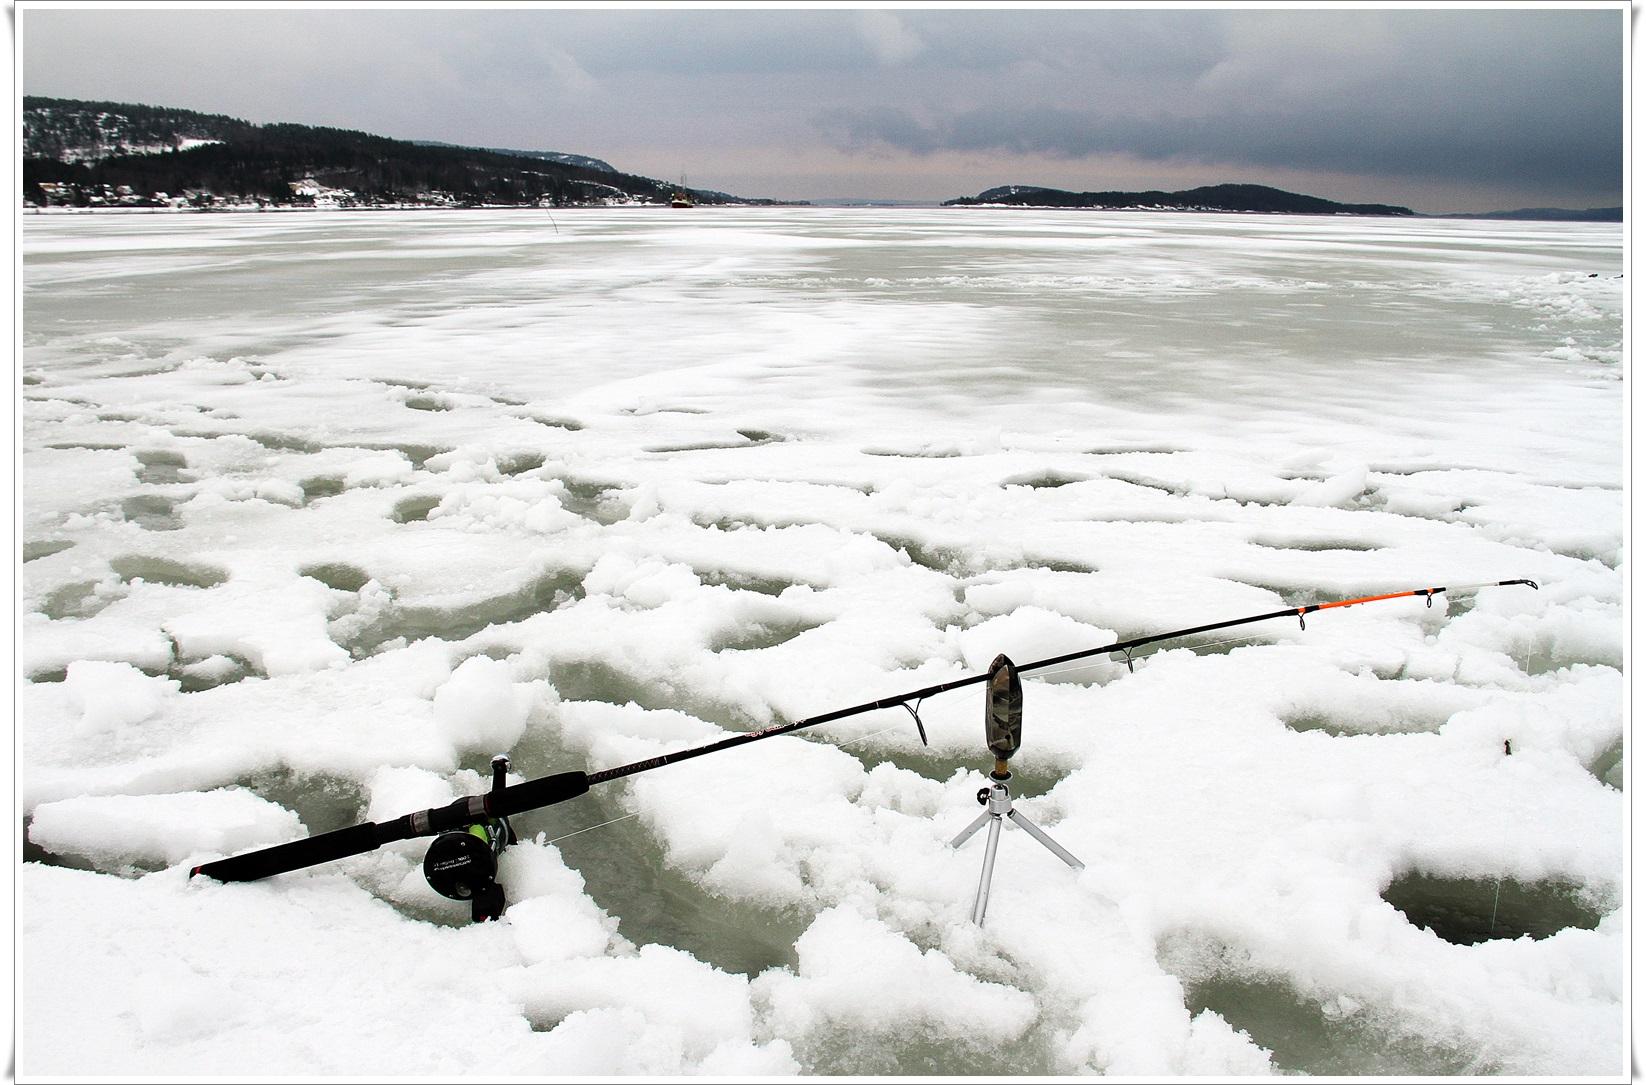 lengre ut lå fjorden åpen og fri for is